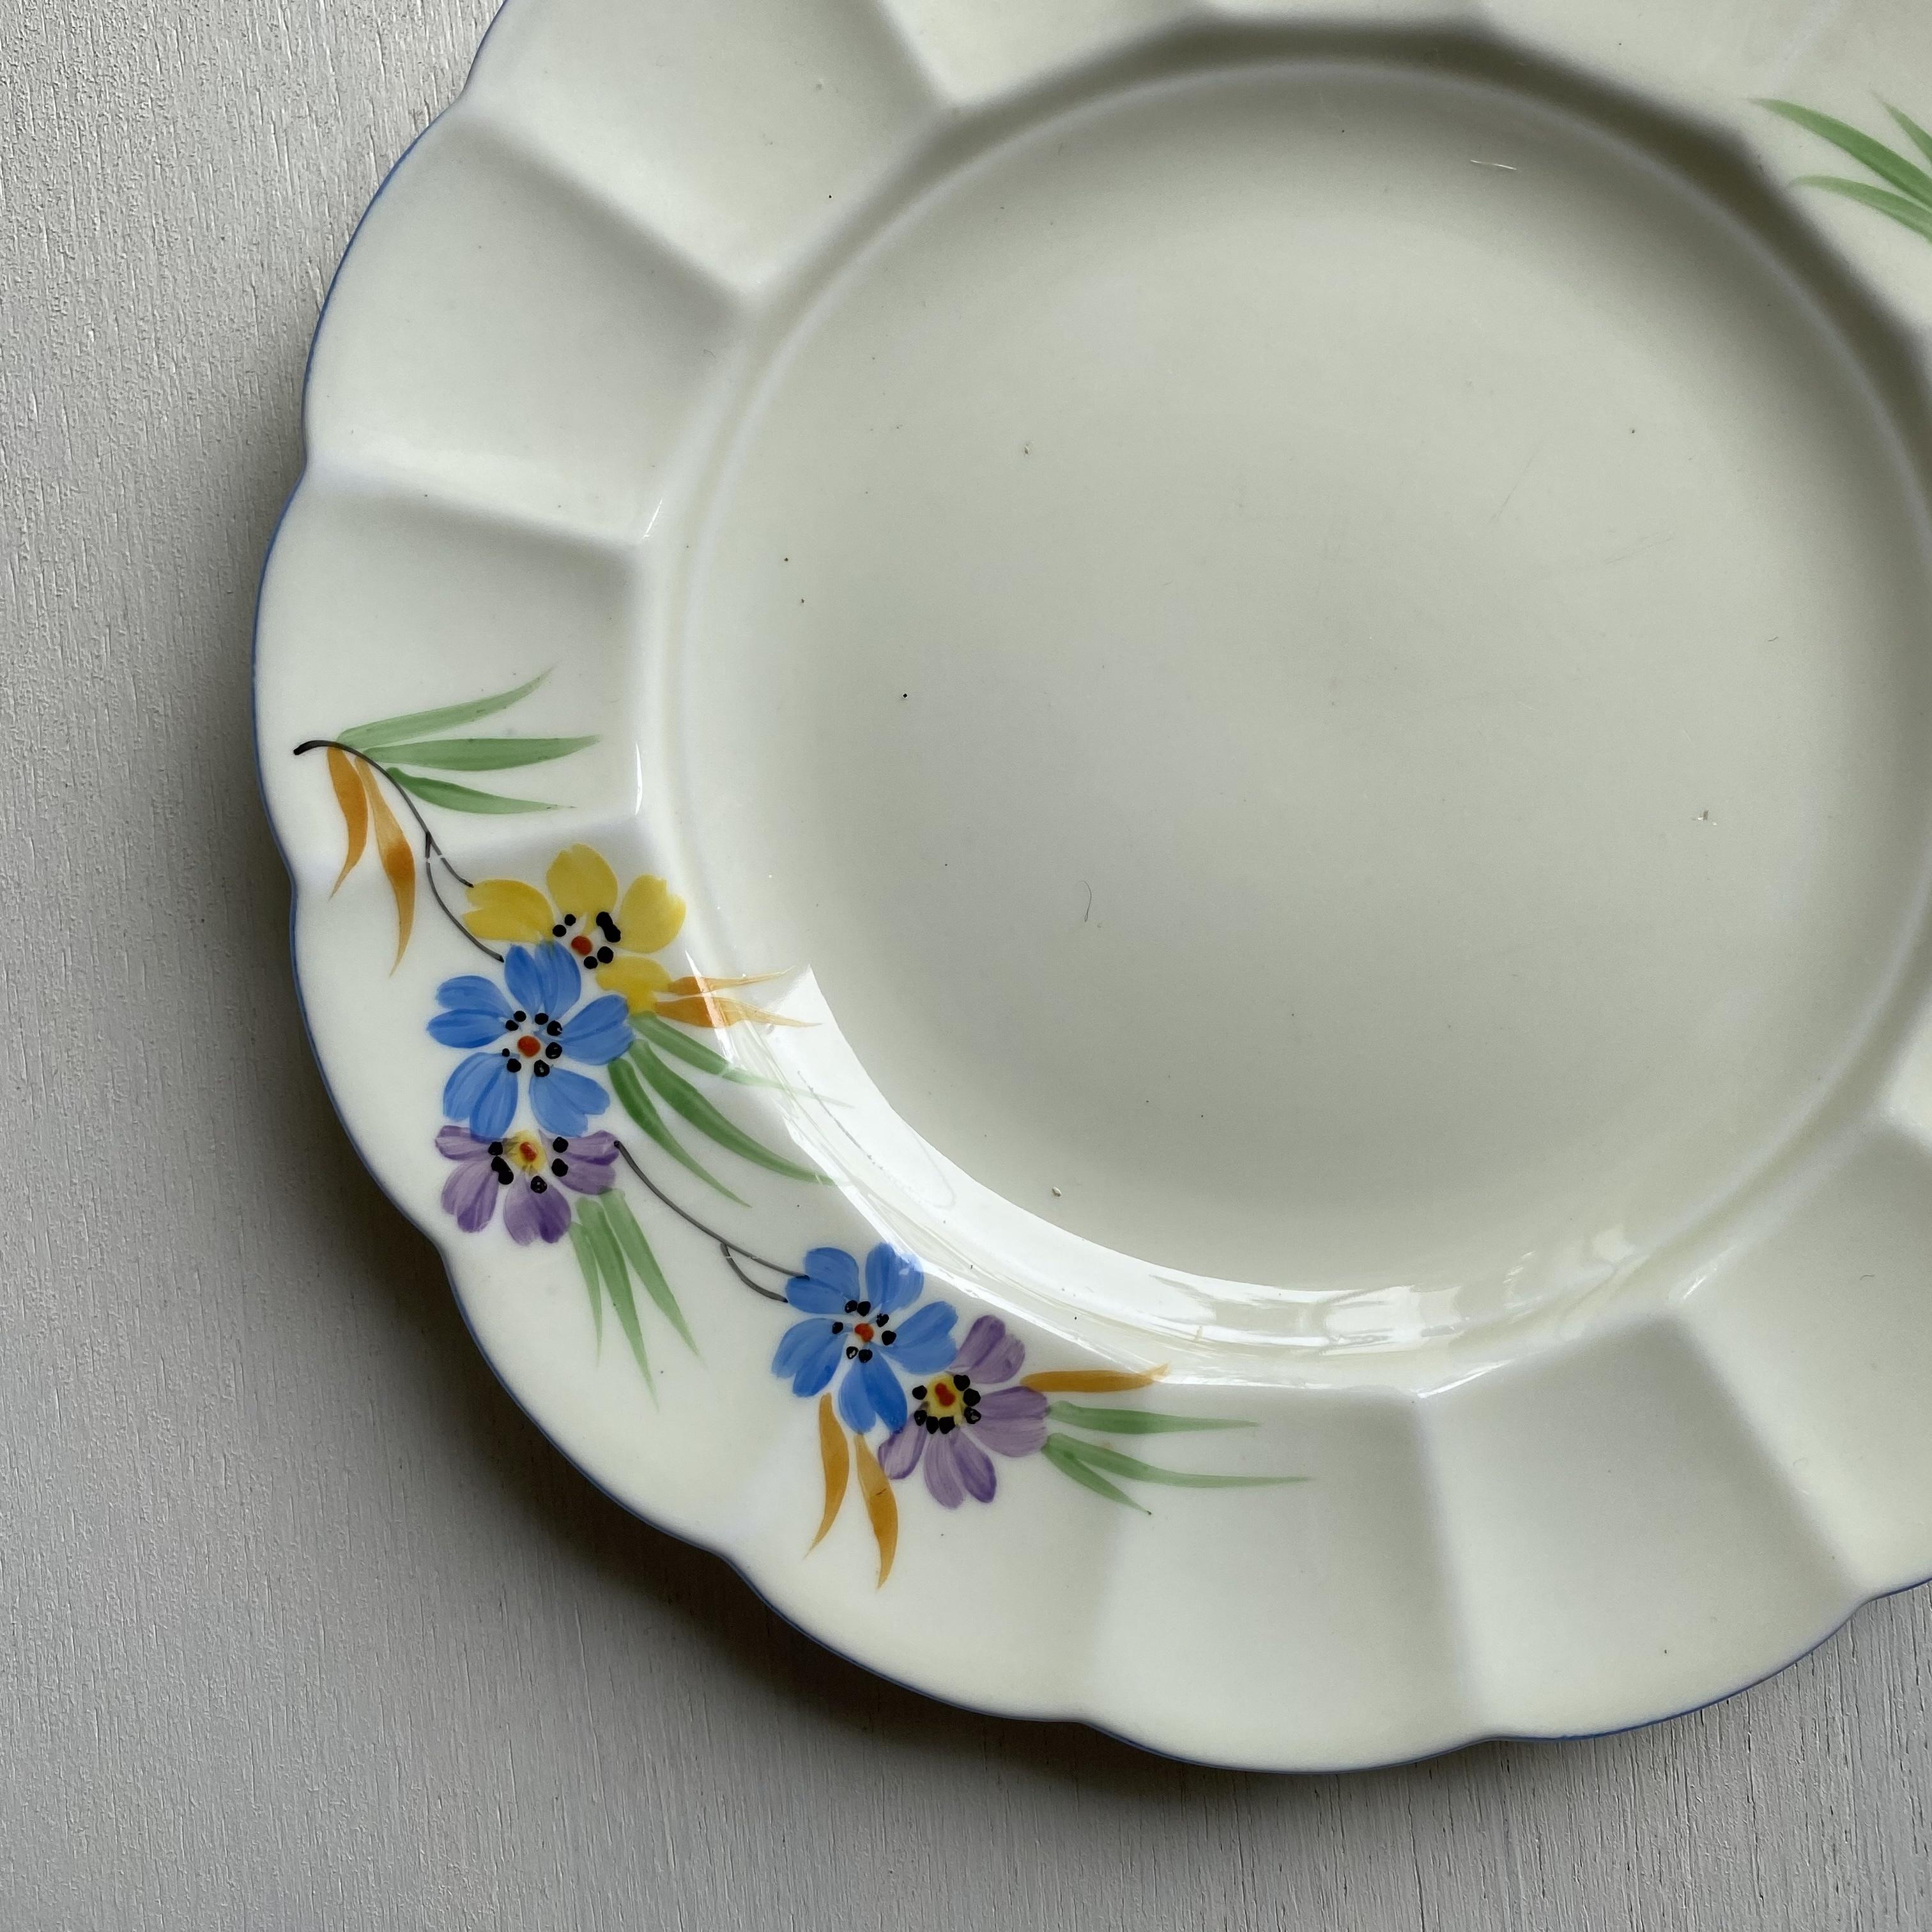 ユニークな花のケーキ皿